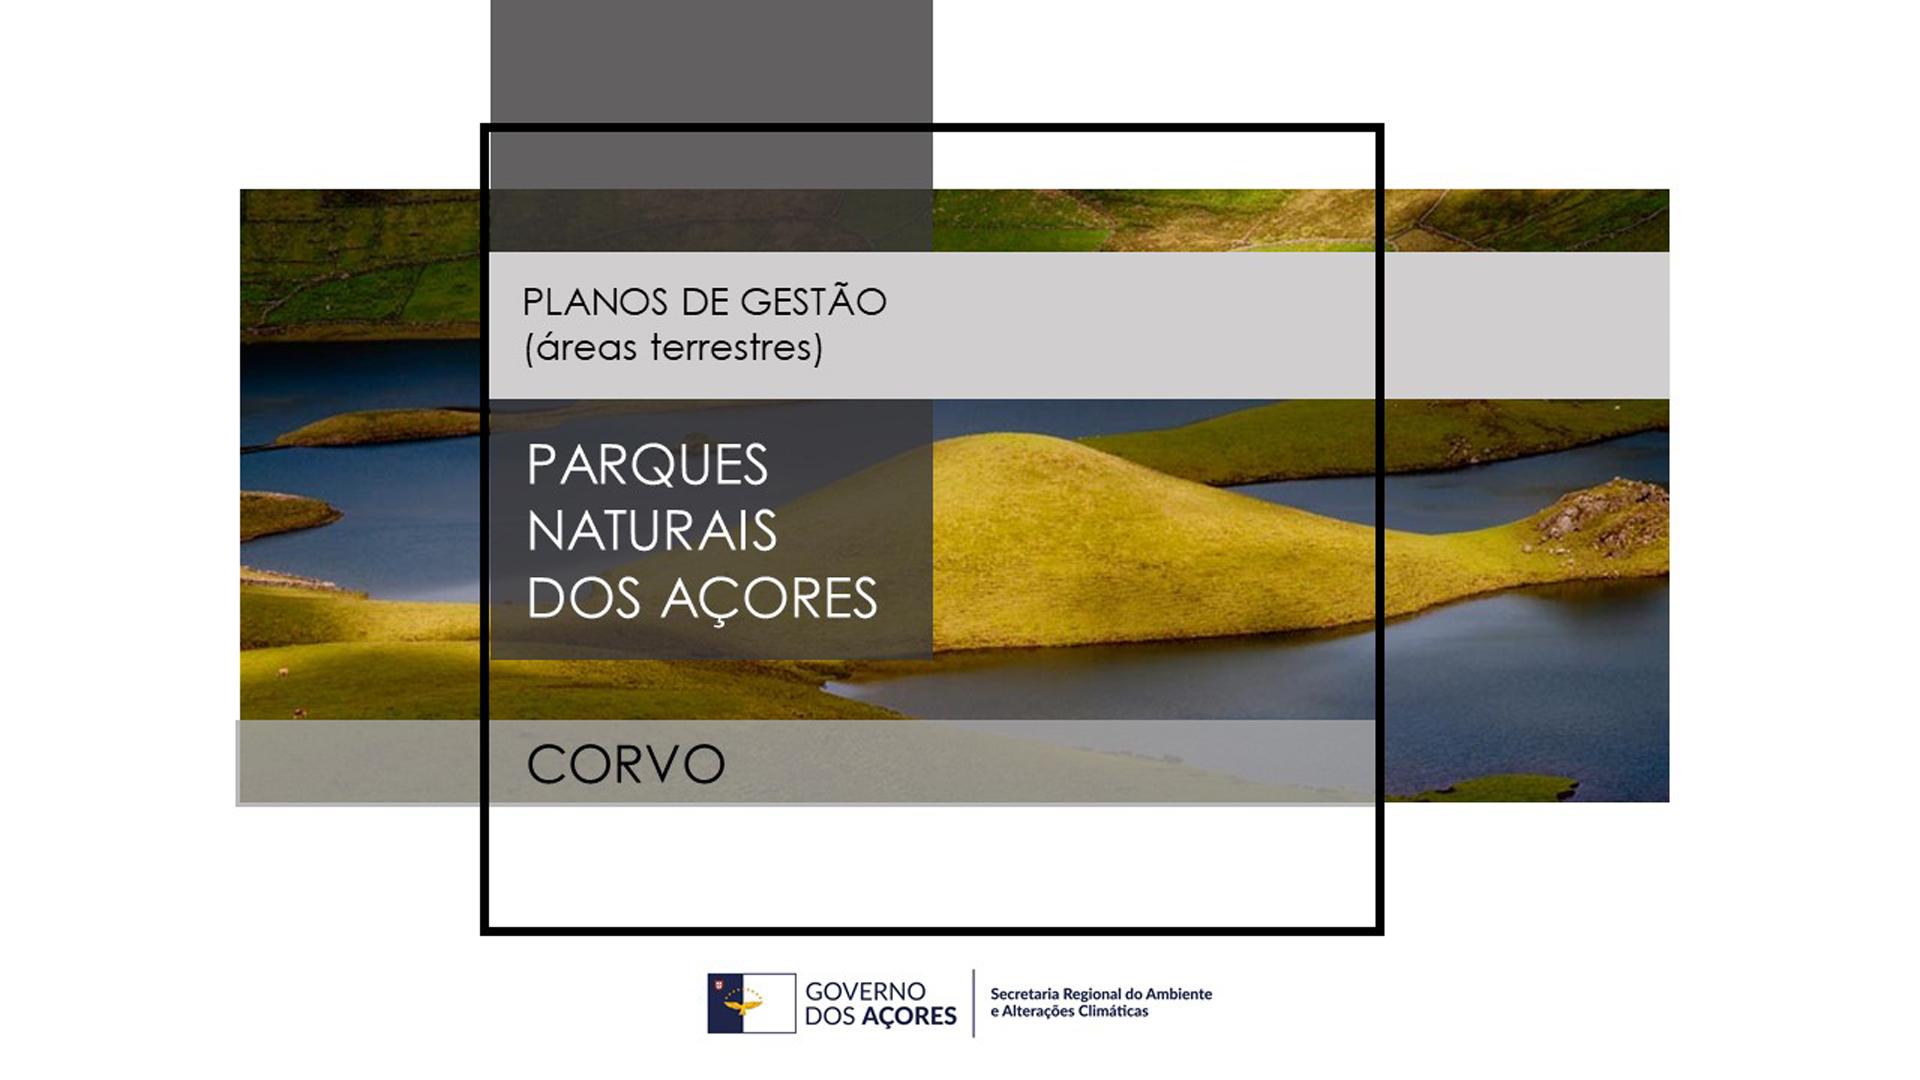 Sessão Pública do Plano de Gestão das Áreas Terrestres do Parque Natural da Ilha do Corvo decorre na terça-feira